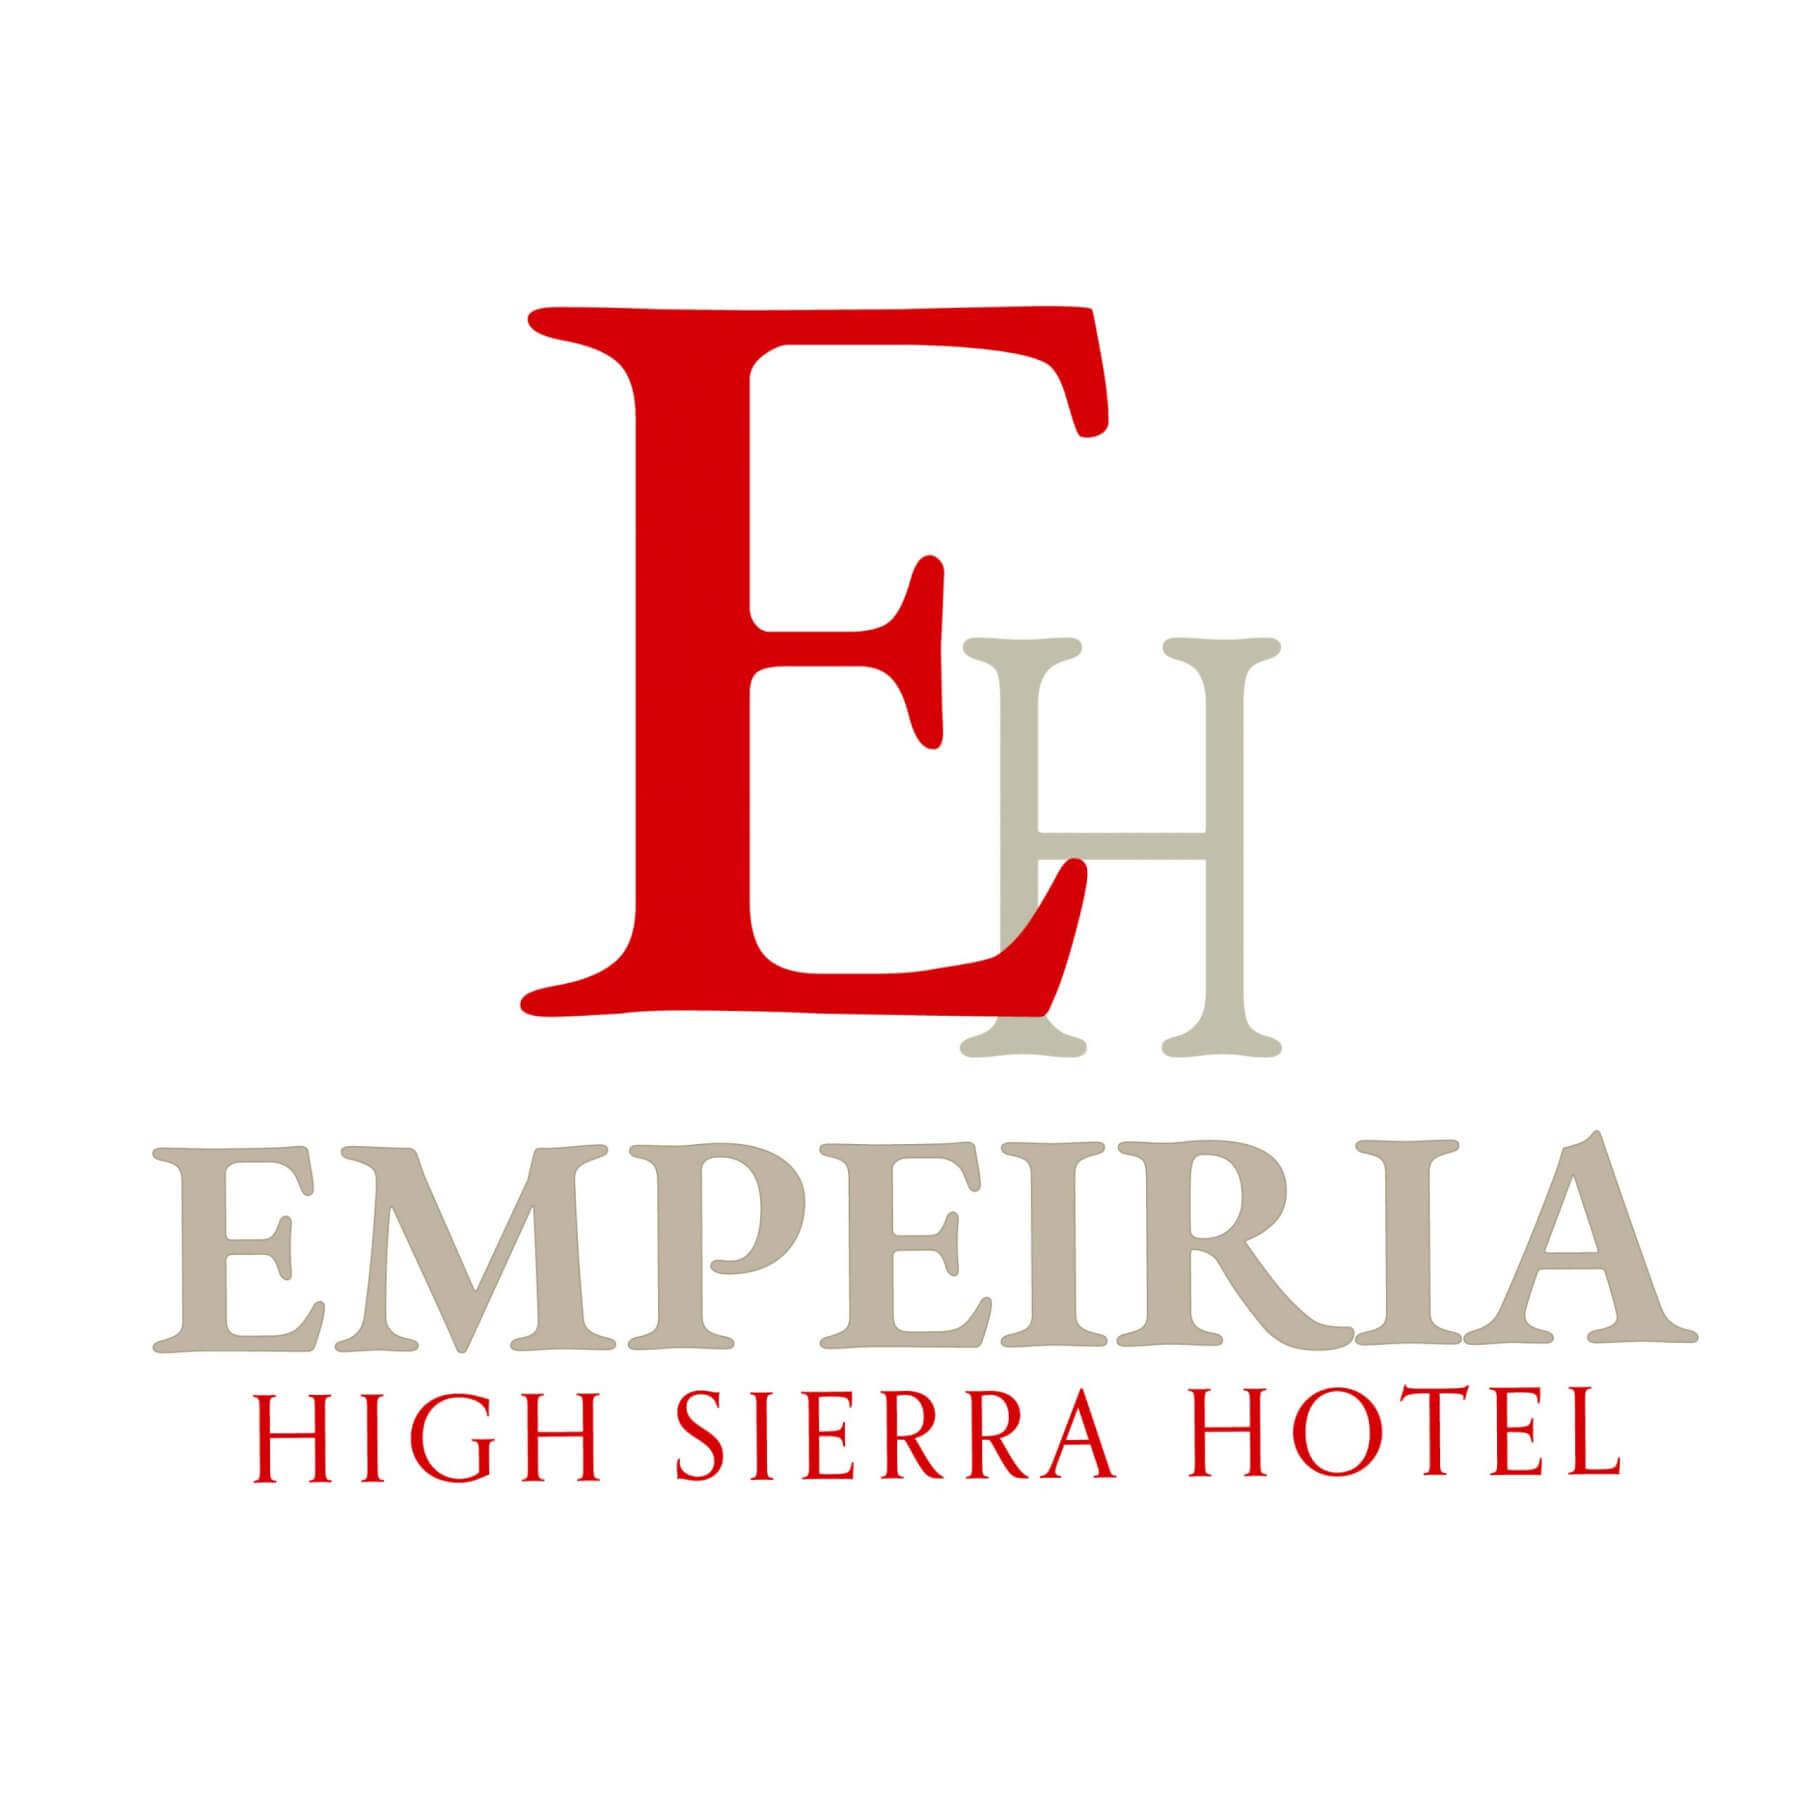 EmpeiriaHotel_Logo